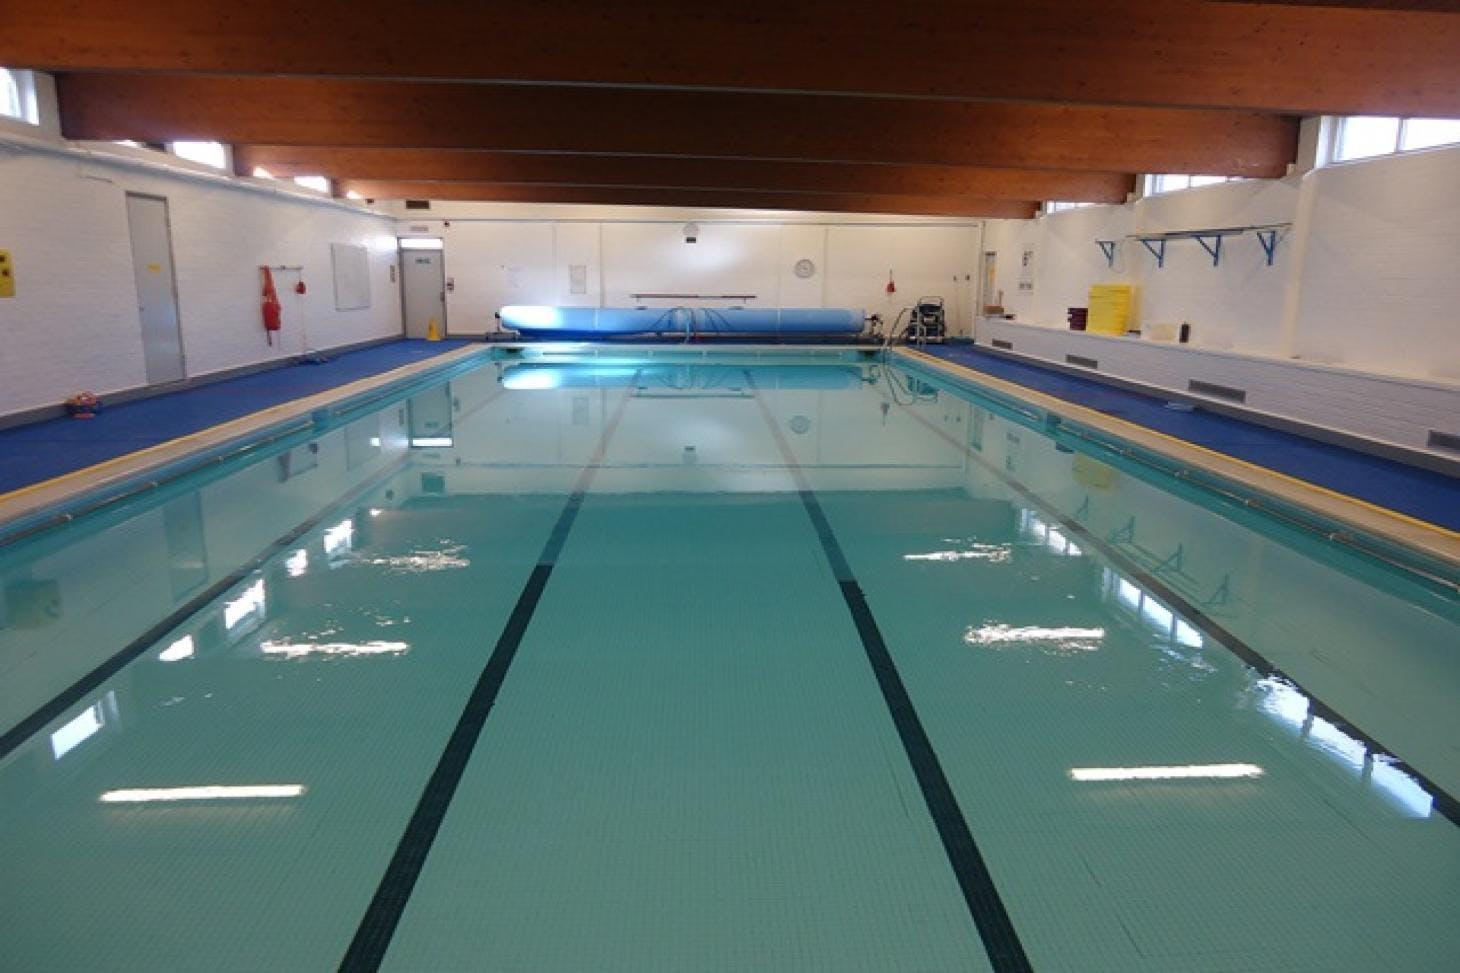 Lealands High School Indoor swimming pool